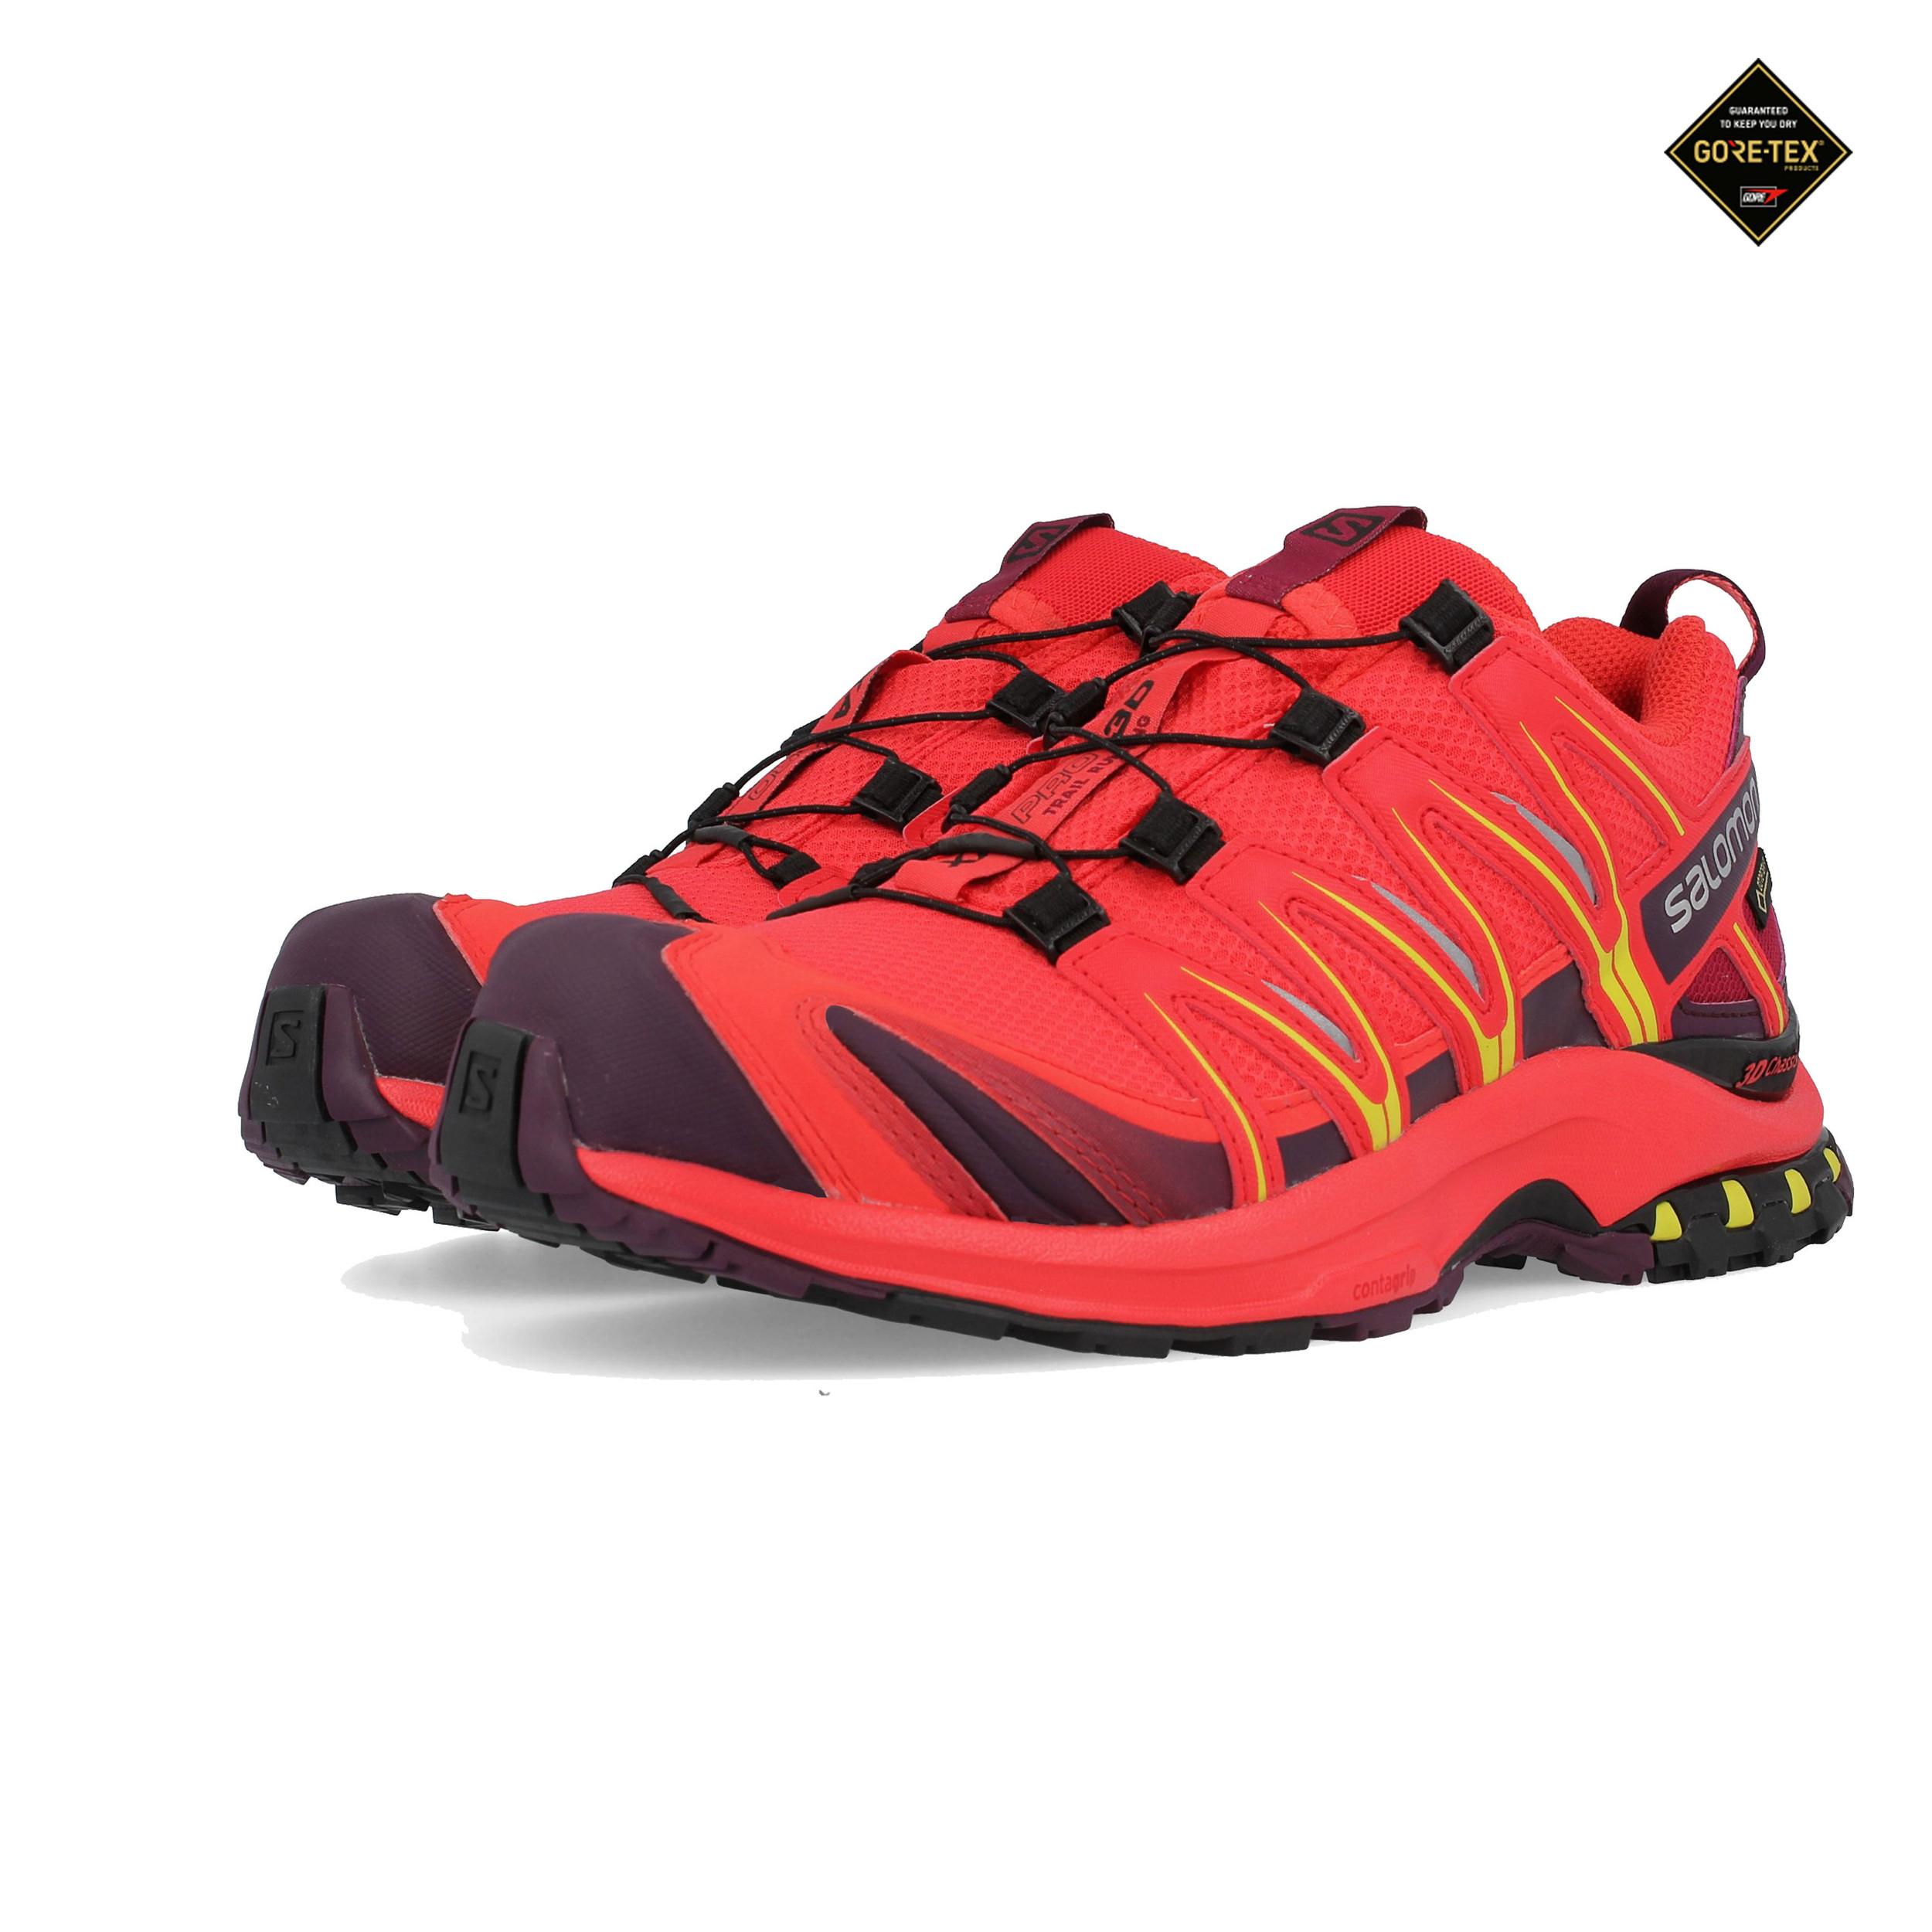 Salomon Femme Trail Shoes Titre Xa Gtx Running Sur Rouge Afficher Sport Pro D'origine 3d Trainers Détails Le Sneakers 4LA35jR